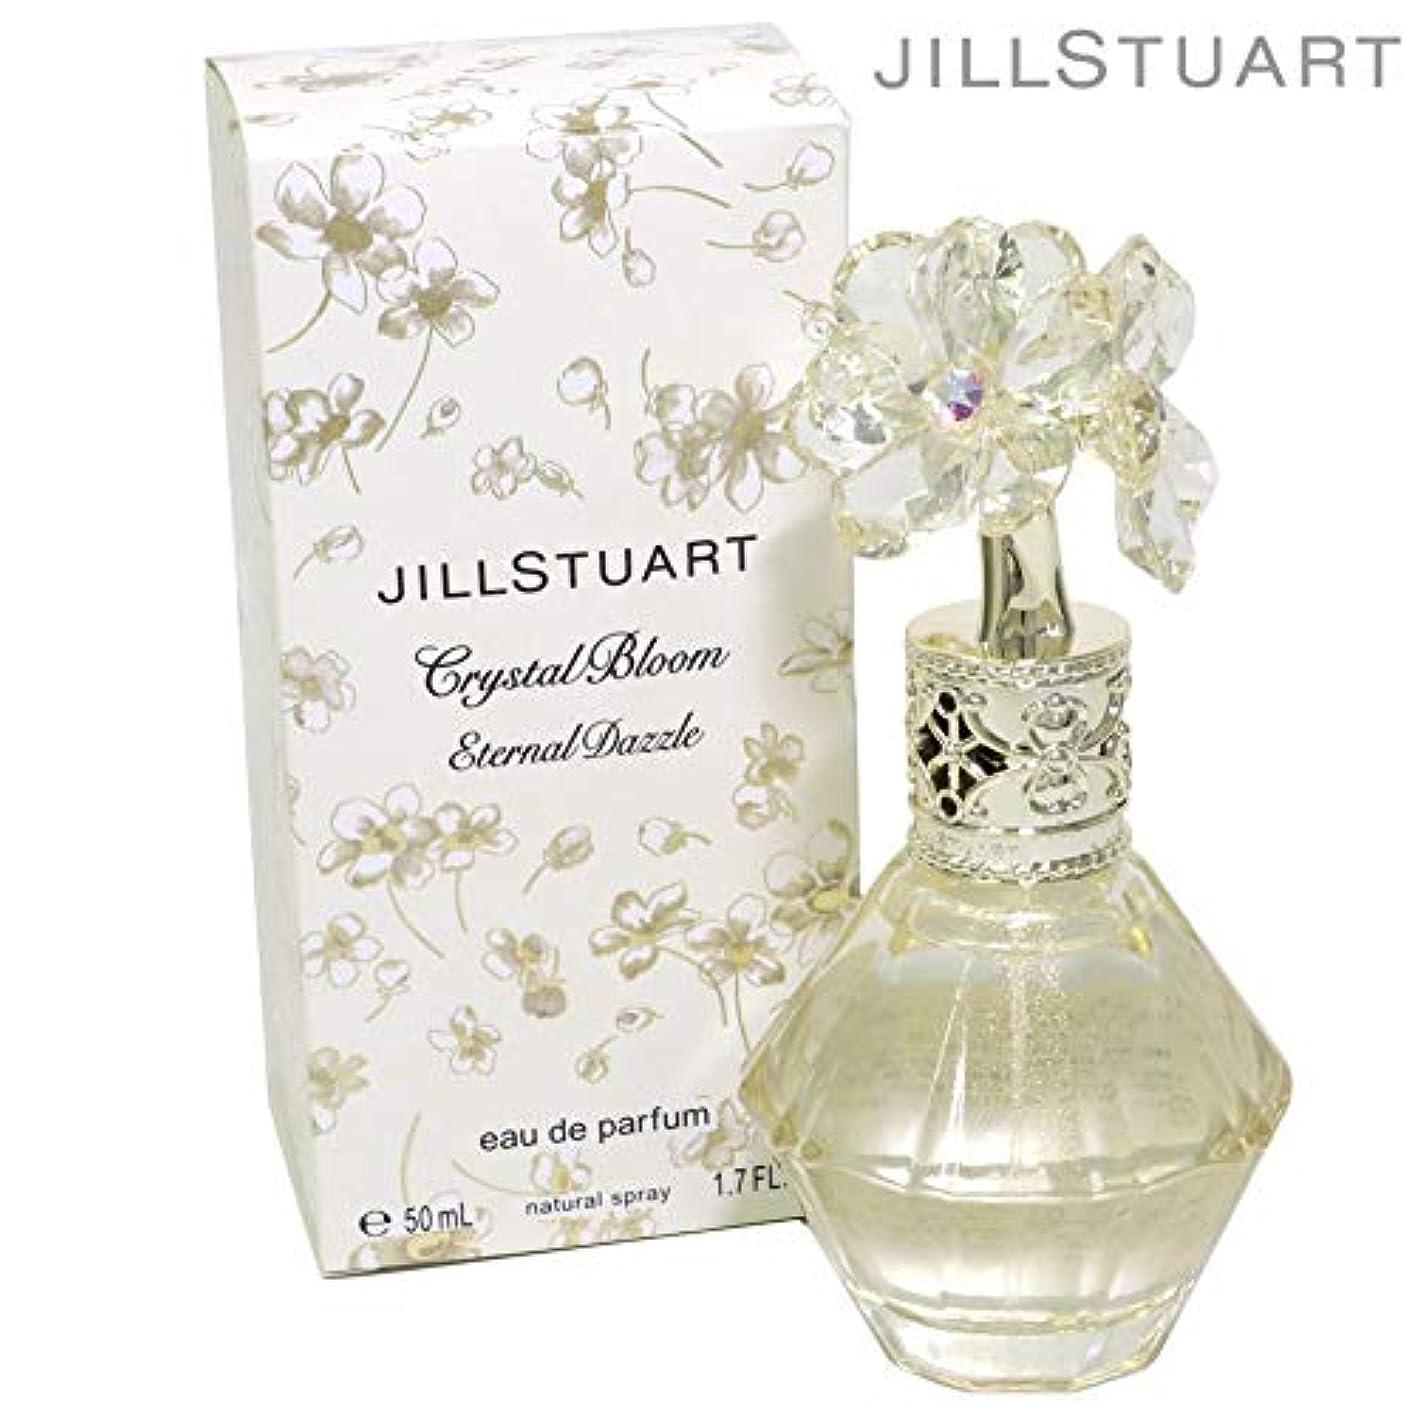 ウィンクネスト葬儀JILL STUART(ジルスチュアート) クリスタルブルーム エターナルダズル オードパルファン 50ml 『Crystal Bloom Eternal Dazzle eau de parfum』